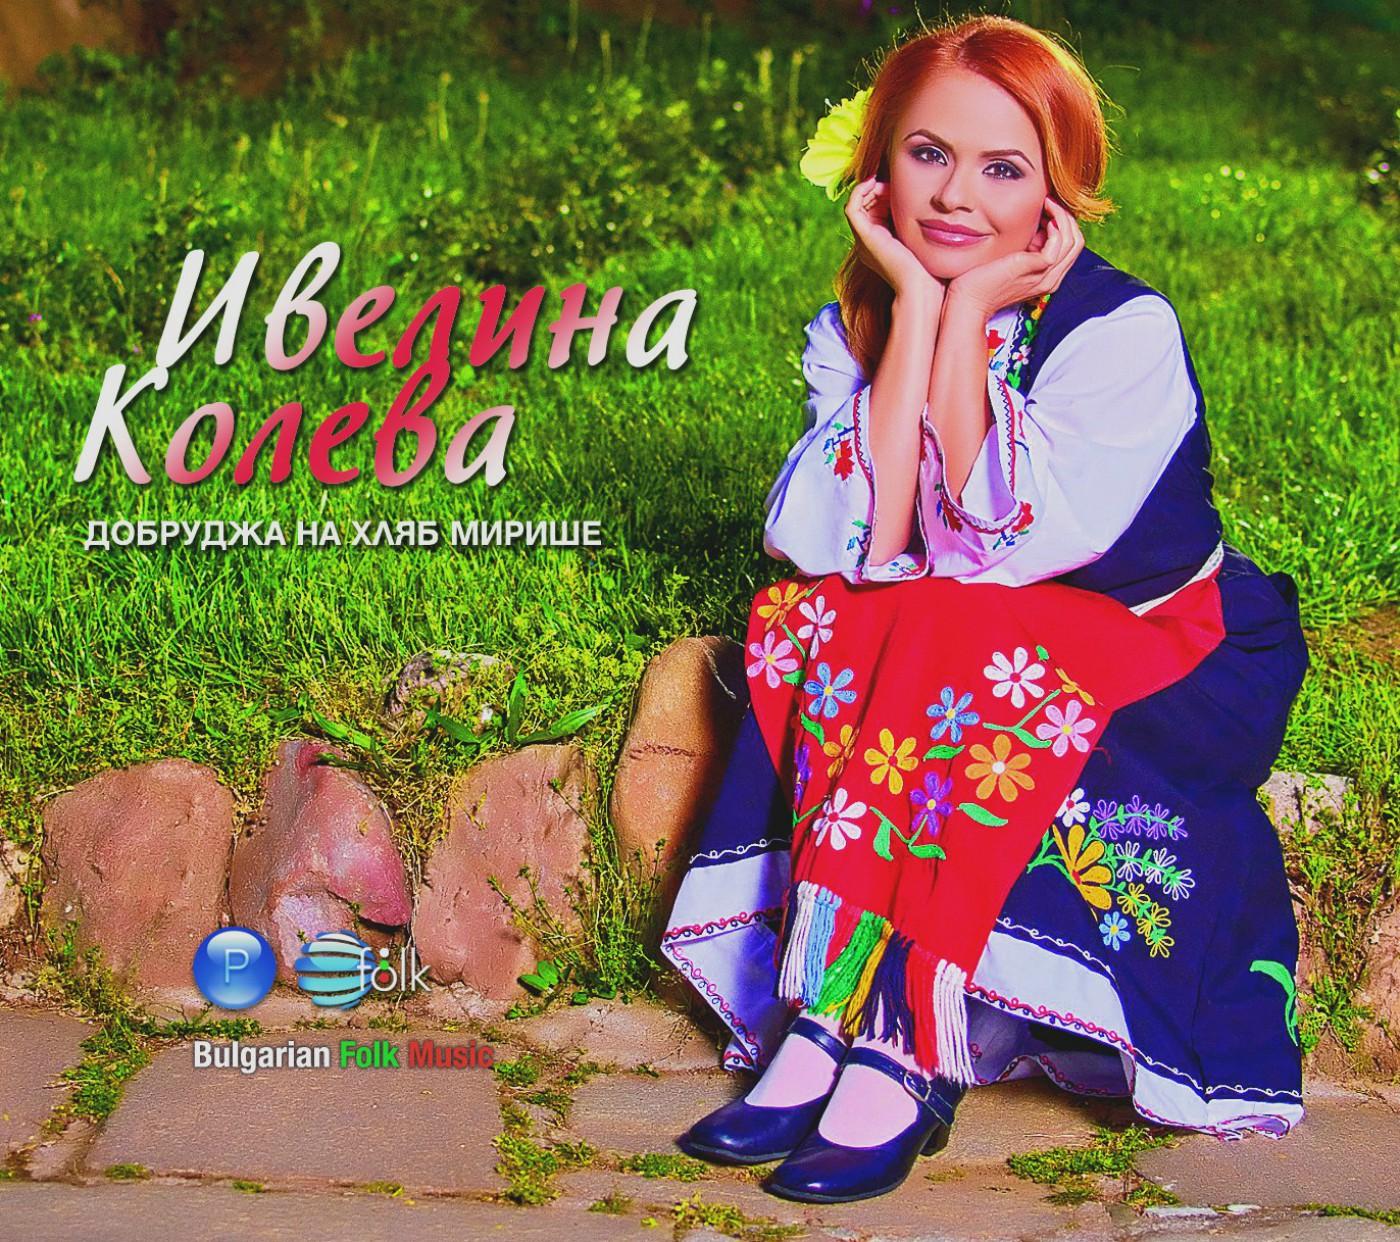 Ивелина Колева отдаде почит на своя роден край в новия си албум